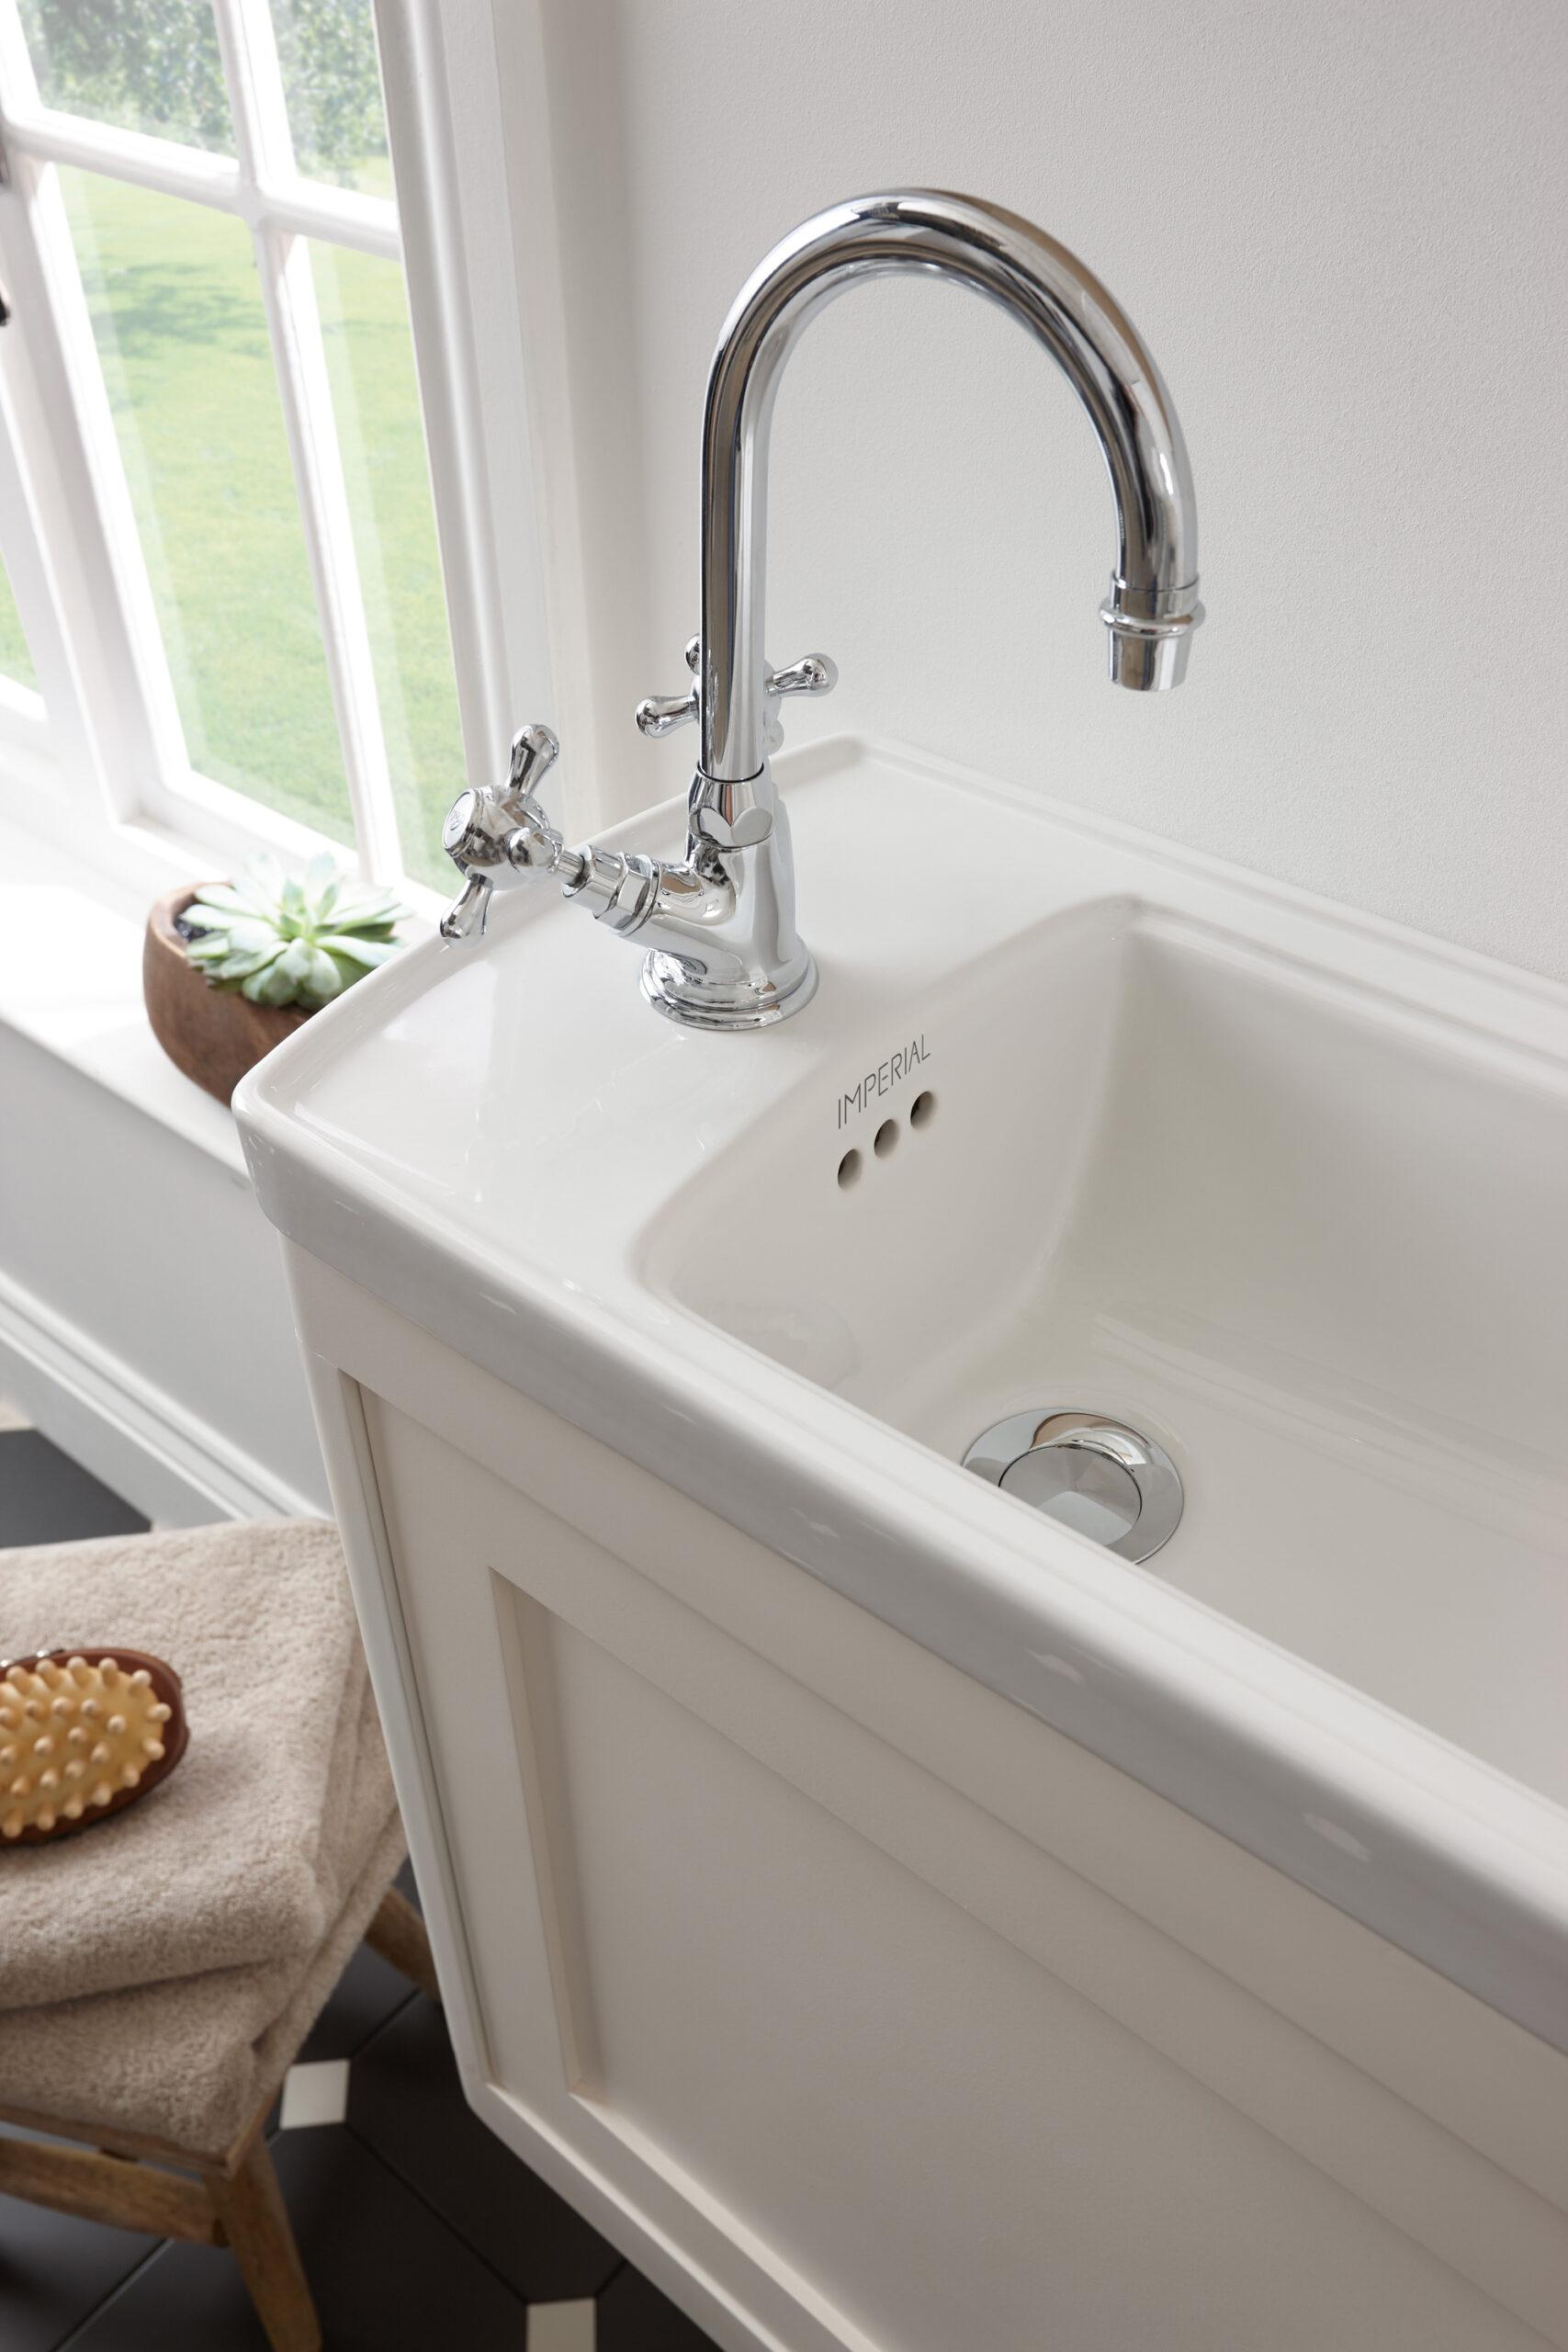 _Victorian cloak vanity monobloc basin mixer, Chrome